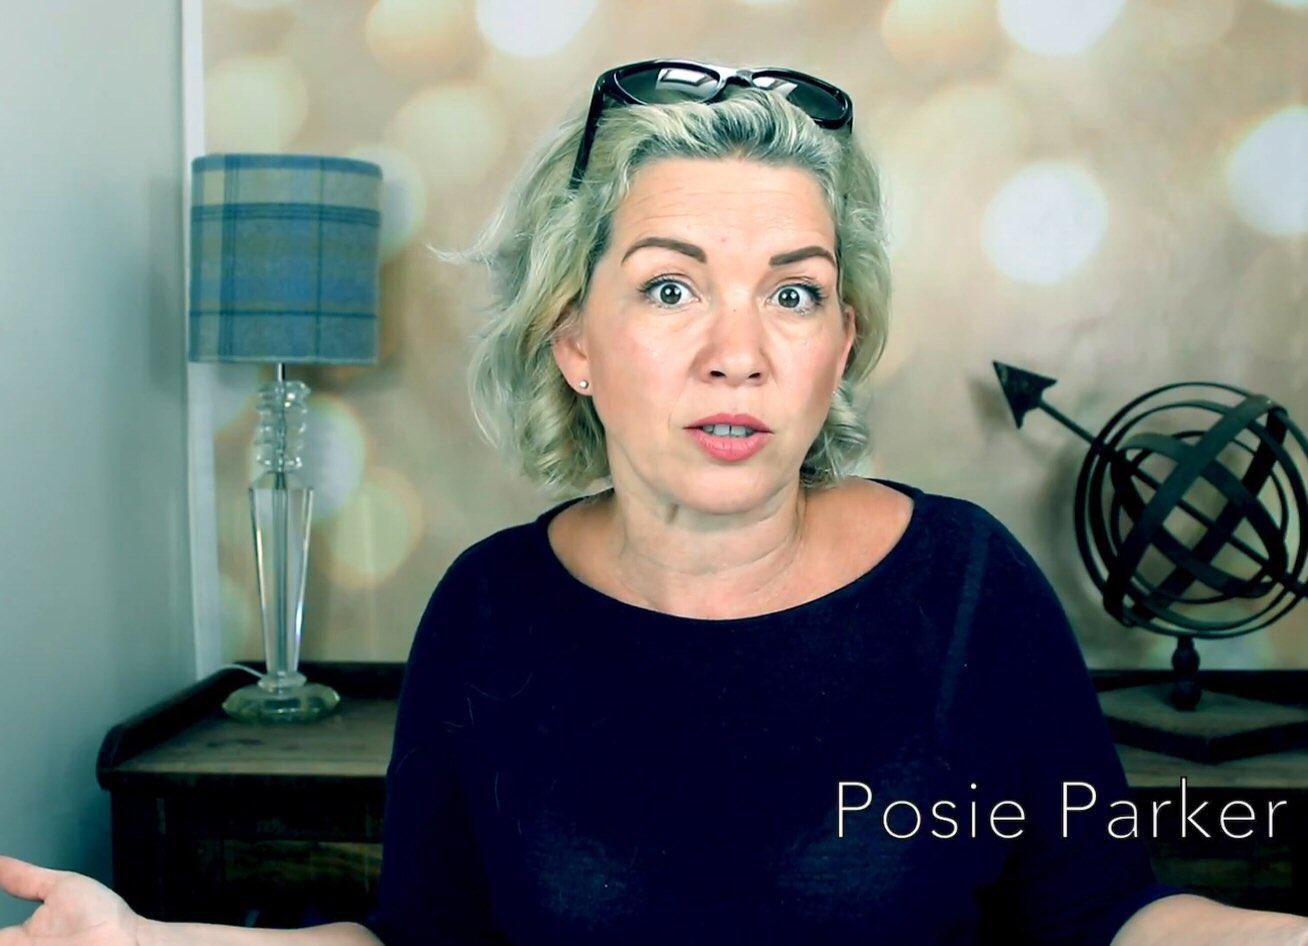 Posie Parker Twitter